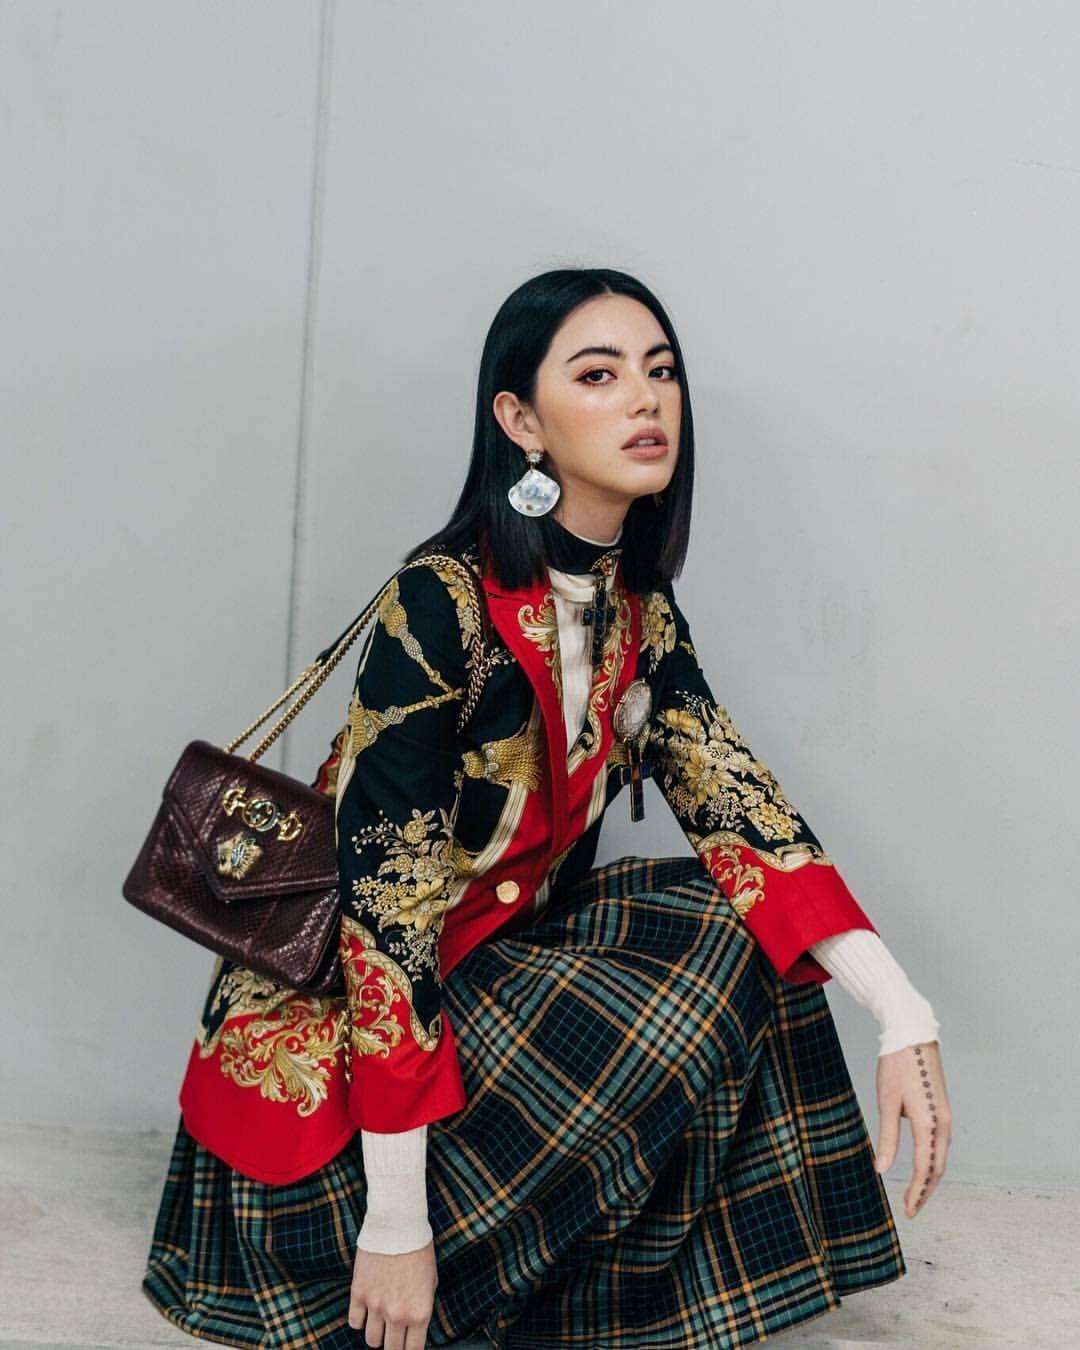 Sao Thái phối trang phục phong cách Gothic với dòng túi Raijah của Gucci tại sự kiện ở Bangkok năm 2018.